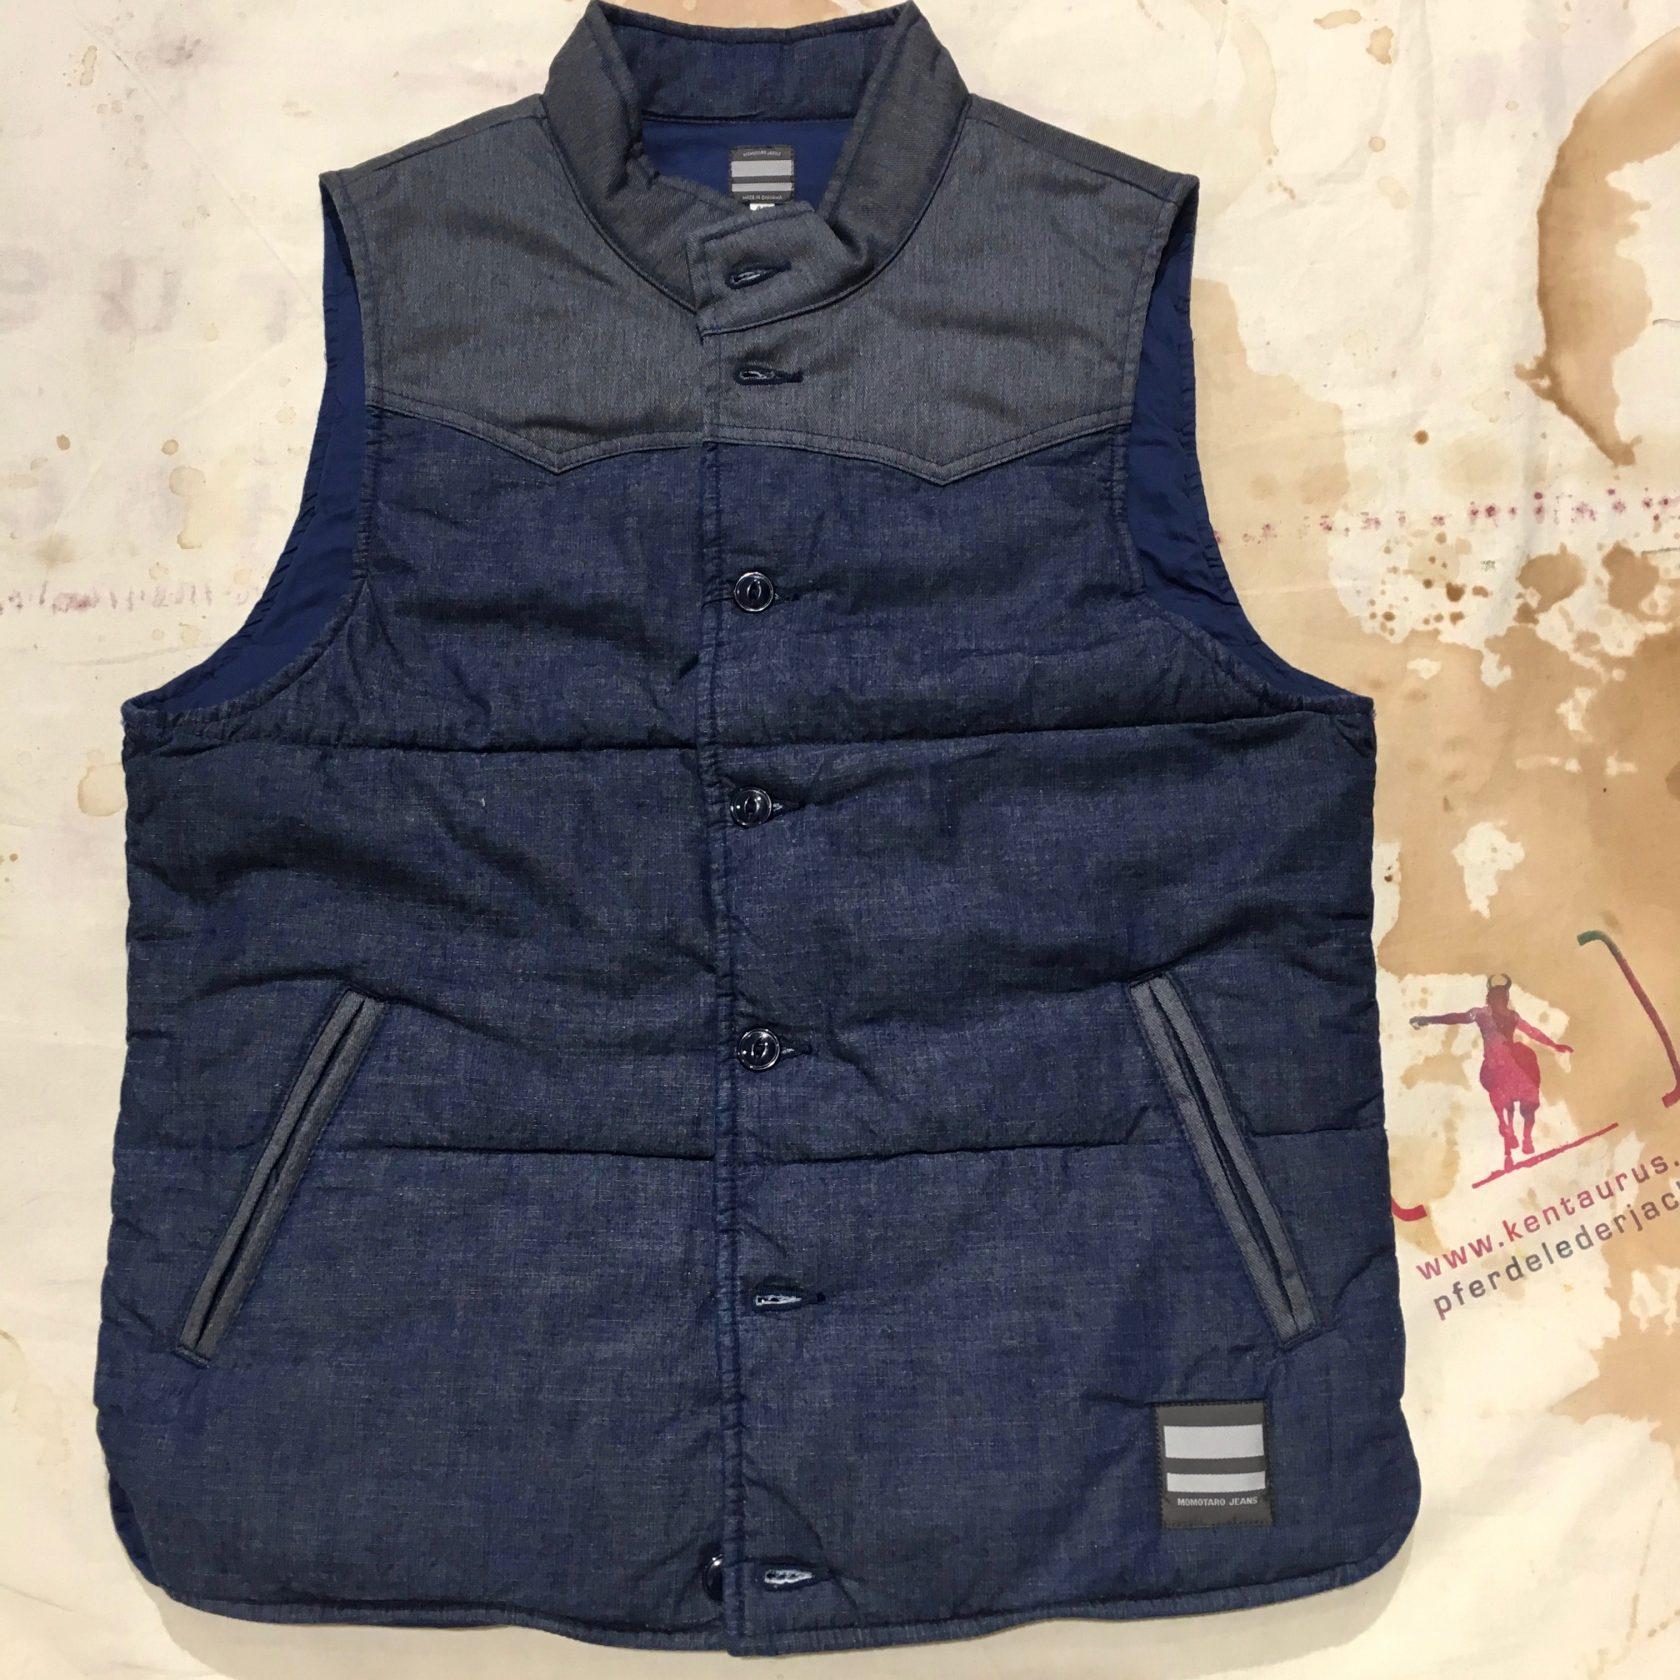 Momotaro chambray vest